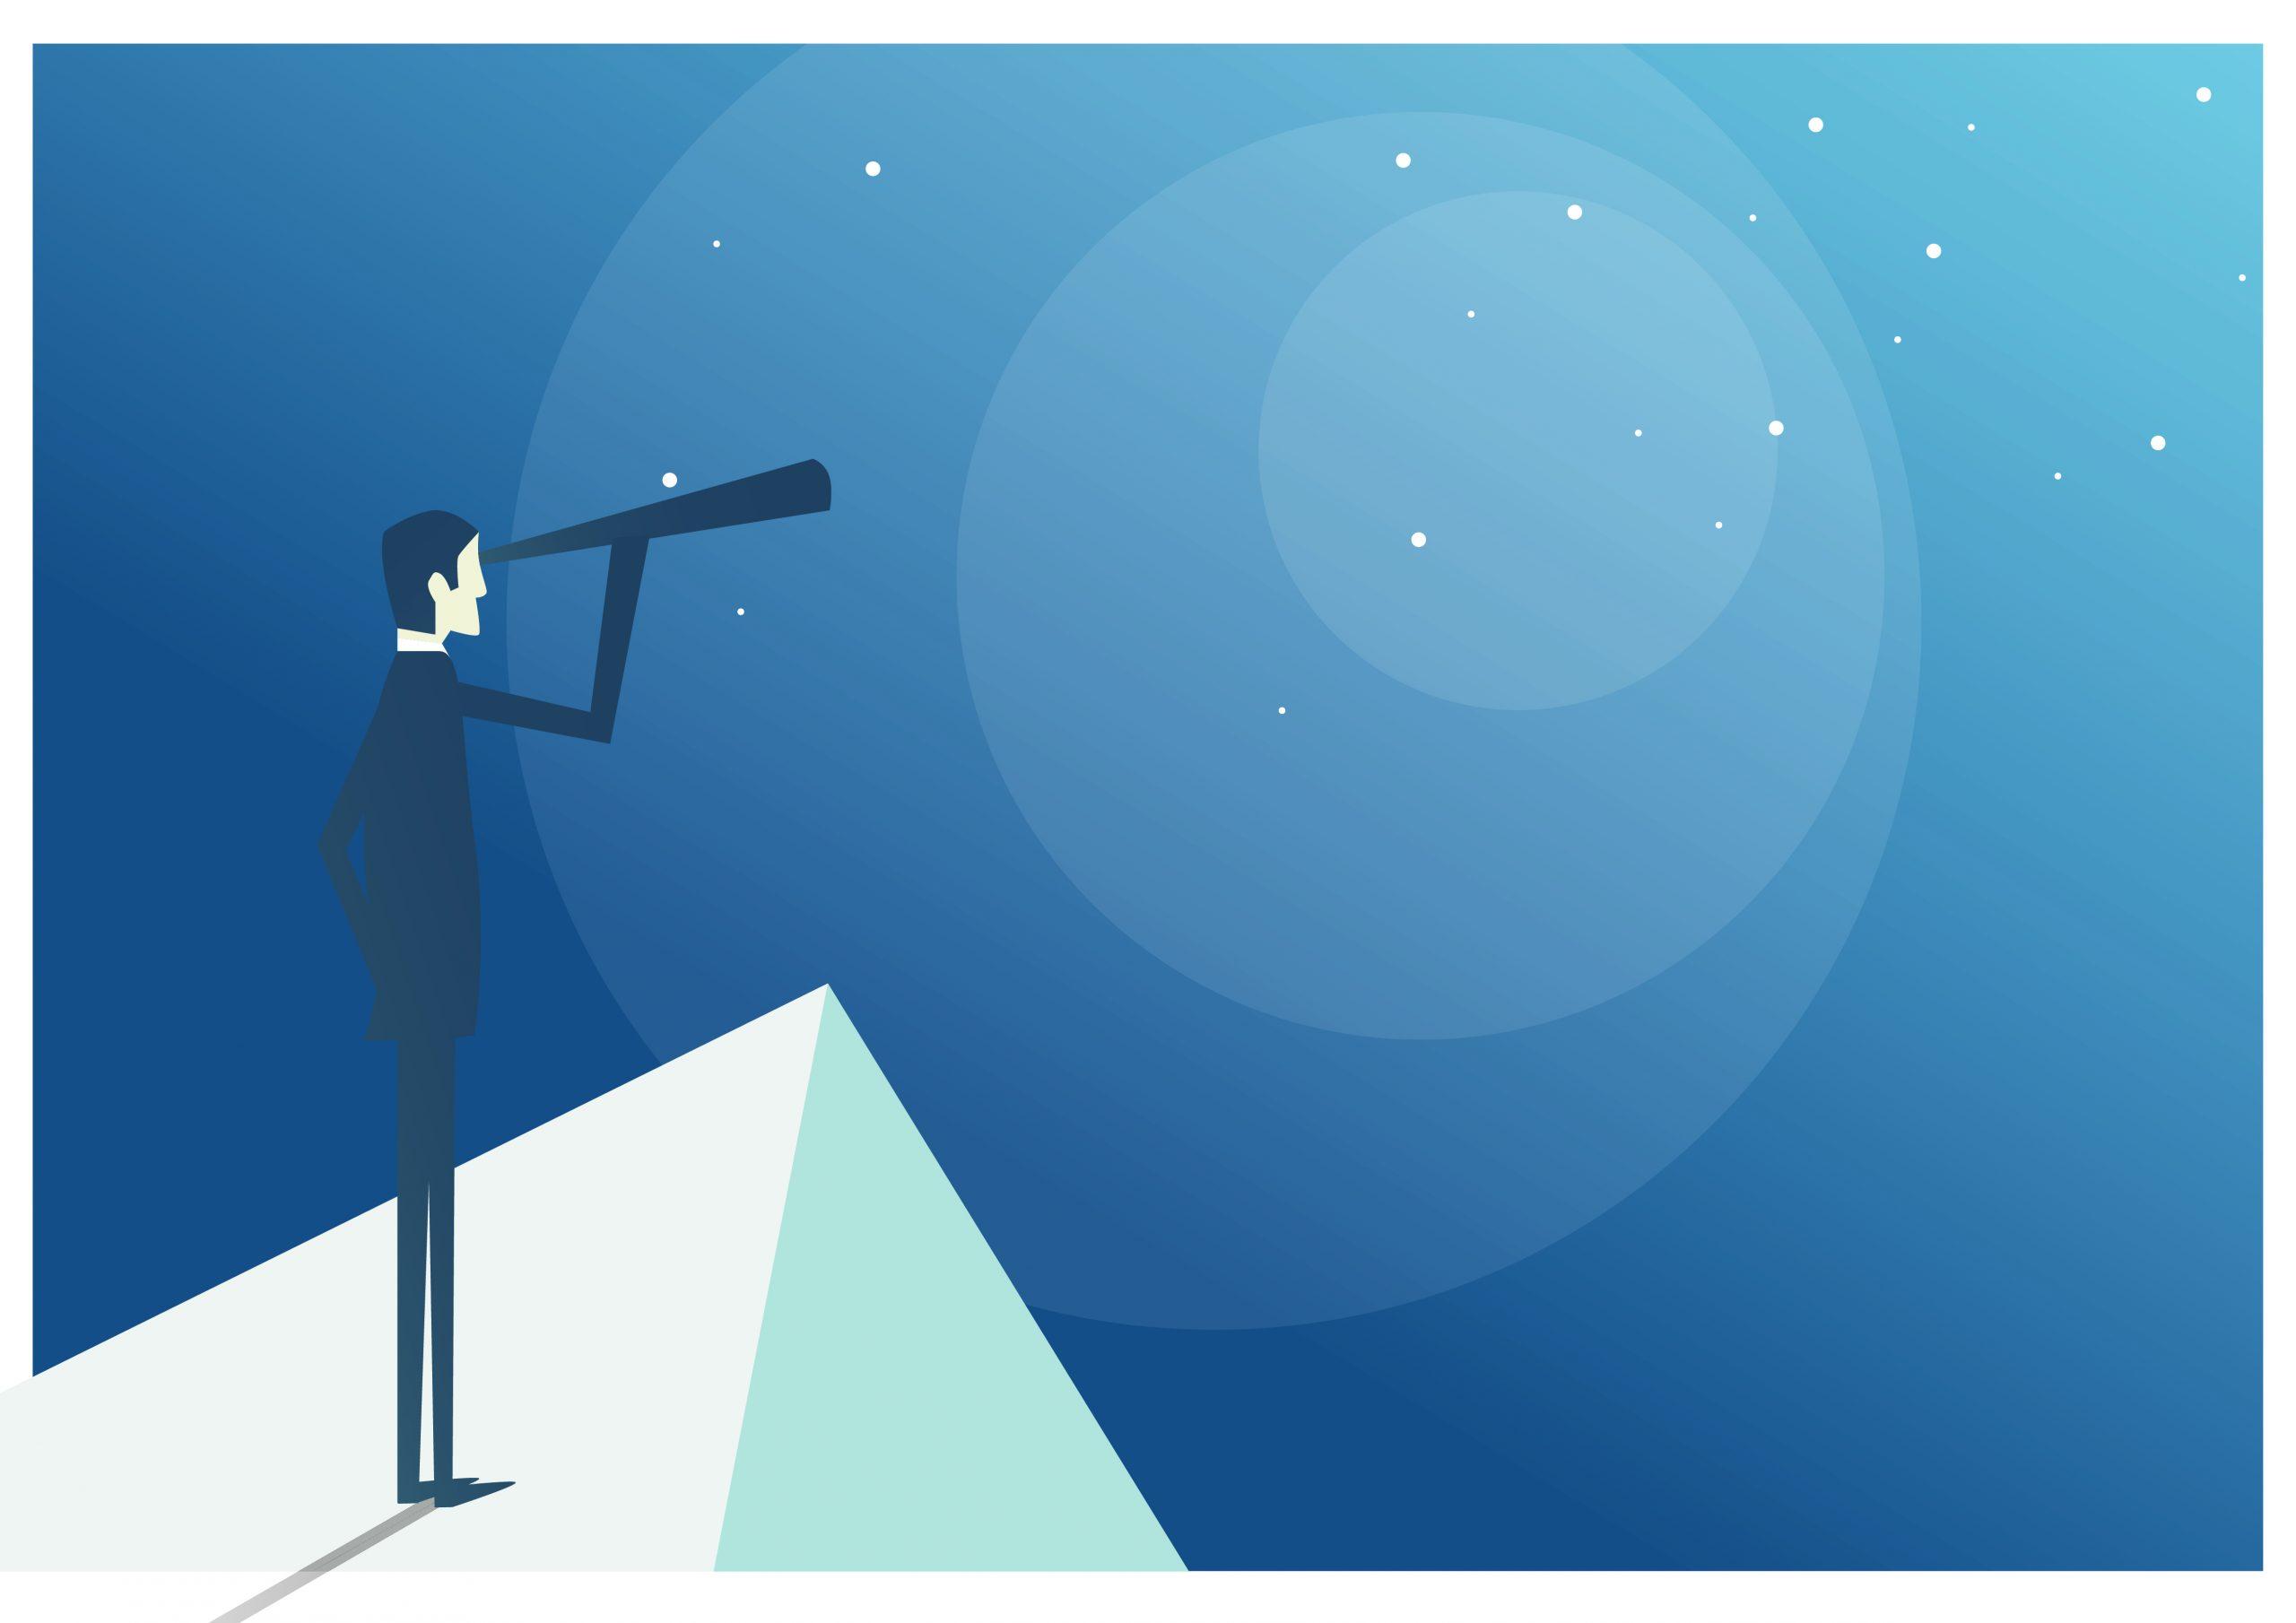 grafische Darstellung von Mann, der mit Fernrohr von einem Berg in den blauen Horizont schaut